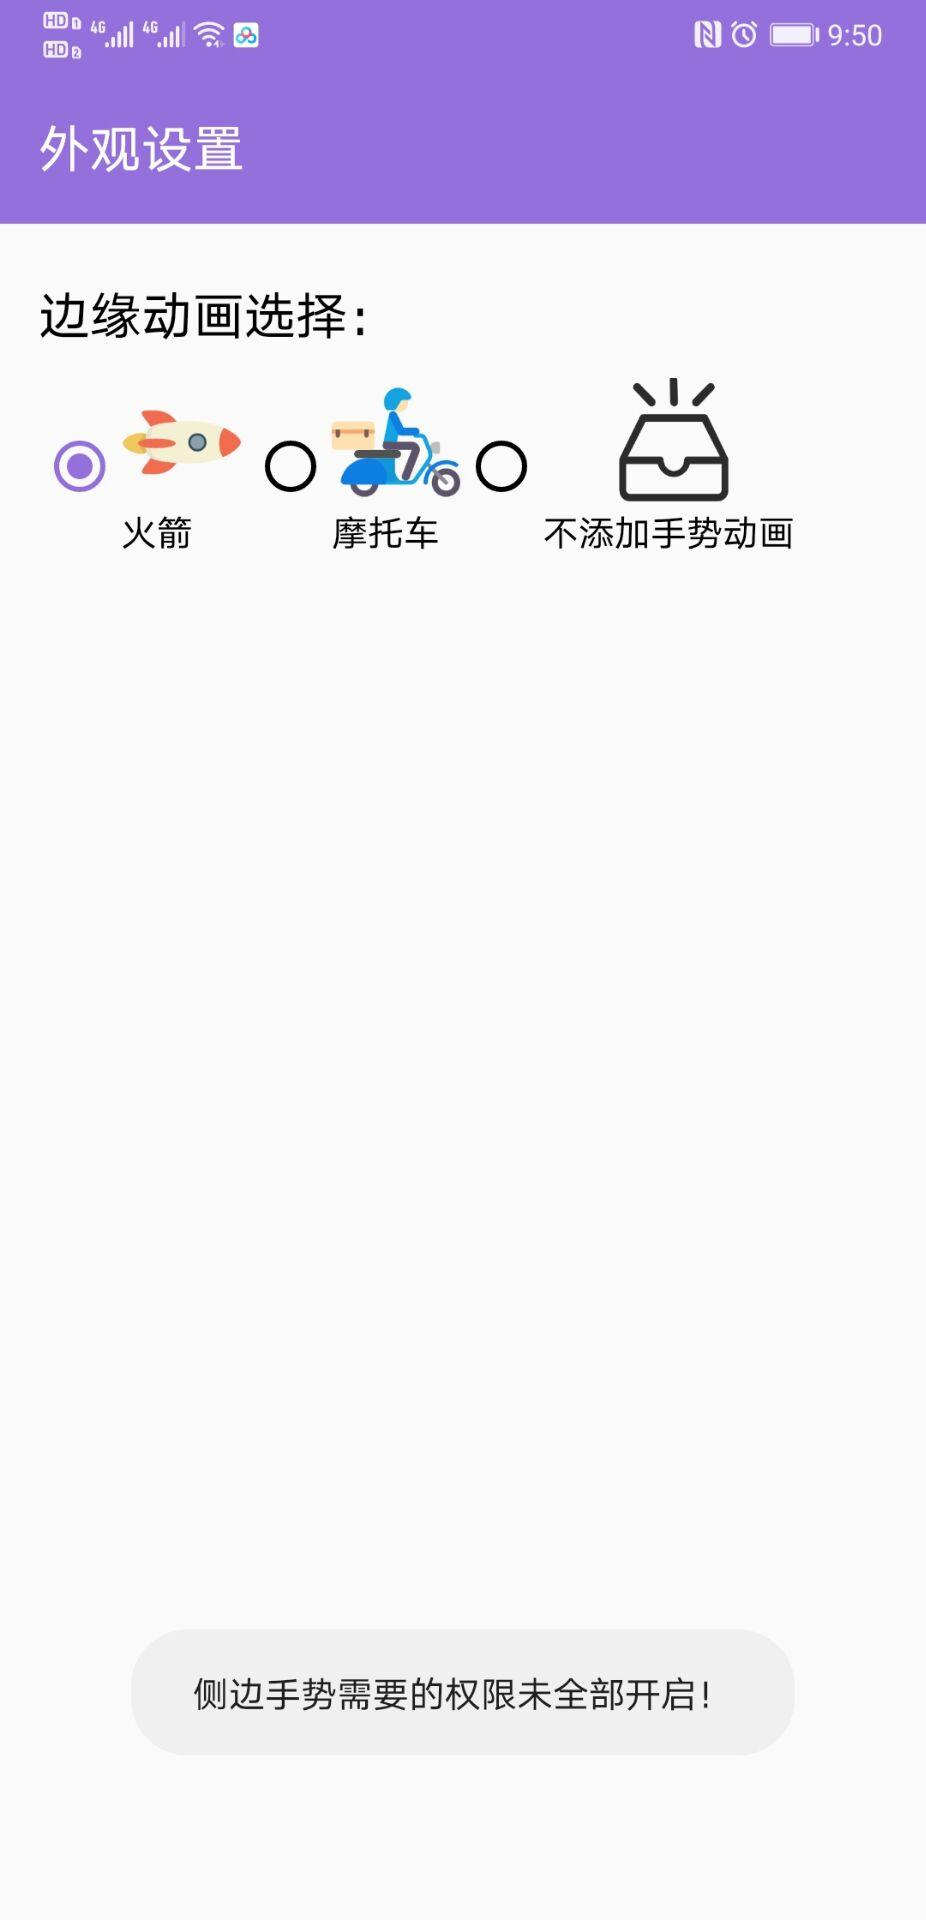 【分享】简窗